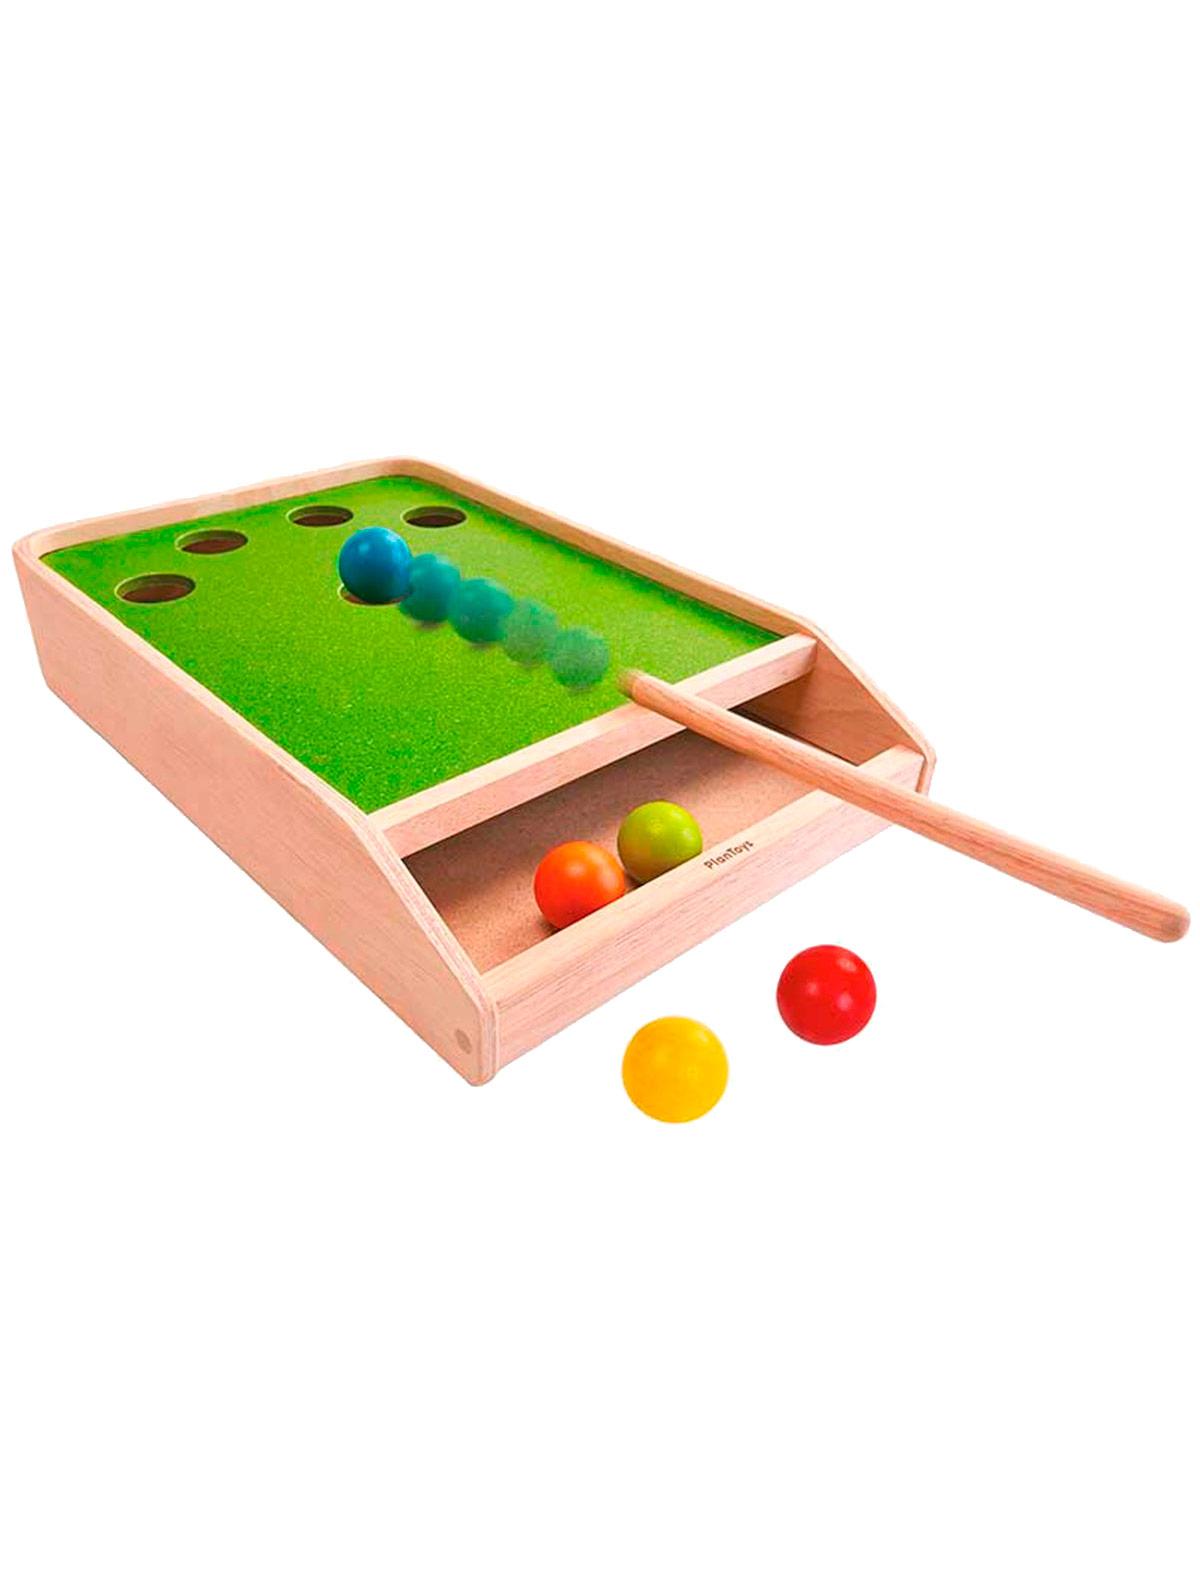 Купить 2135062, Игрушка PLAN TOYS, разноцветный, 7132529980754